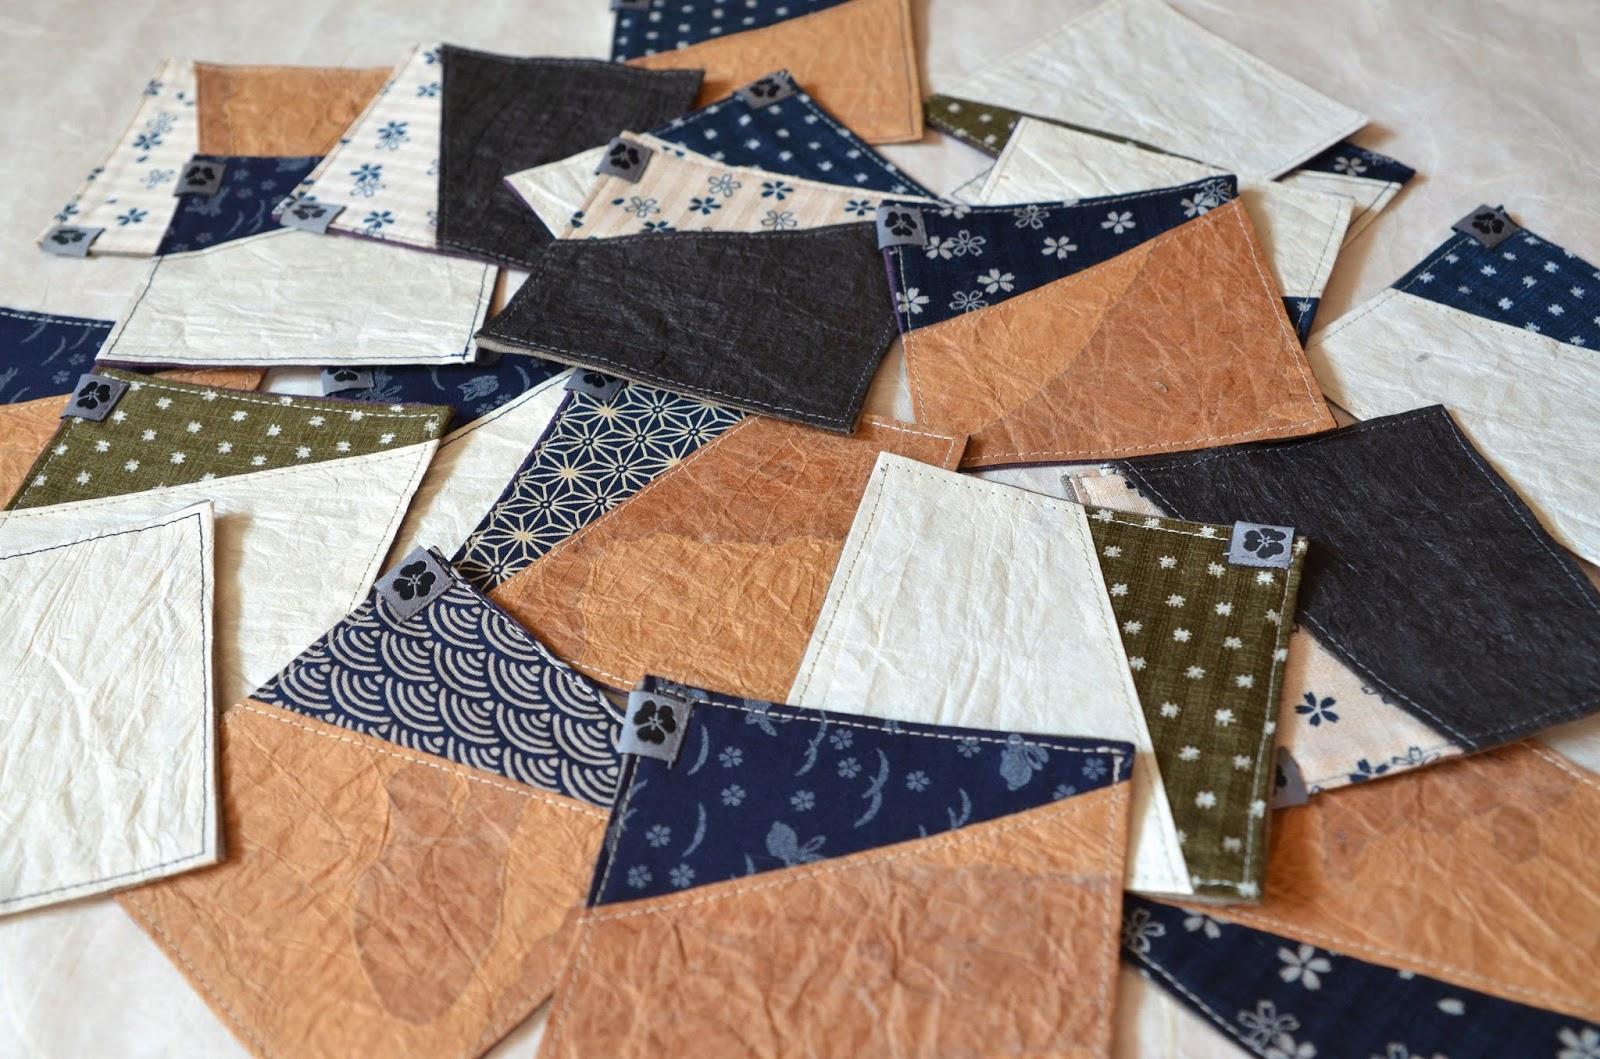 Untersetzer aus Washi Japanpapier von Noriko handmade, Japan, Design, Wohnaccessoires